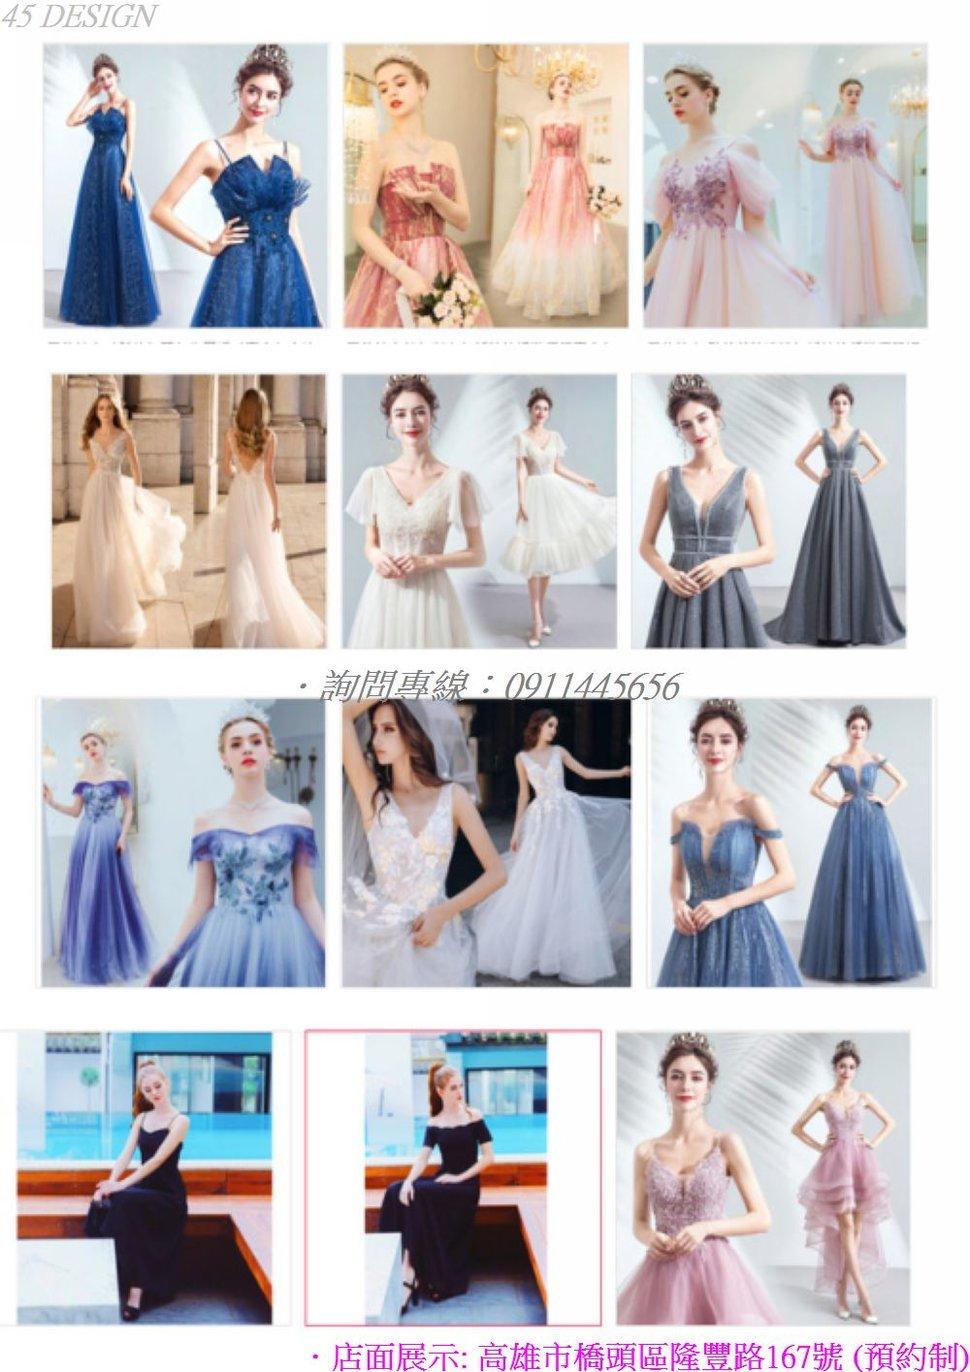 msl1908155CFC1C50F4584D04AF614968BD493B85 - 全台最便宜-45DESIGN四五婚紗禮服《結婚吧》